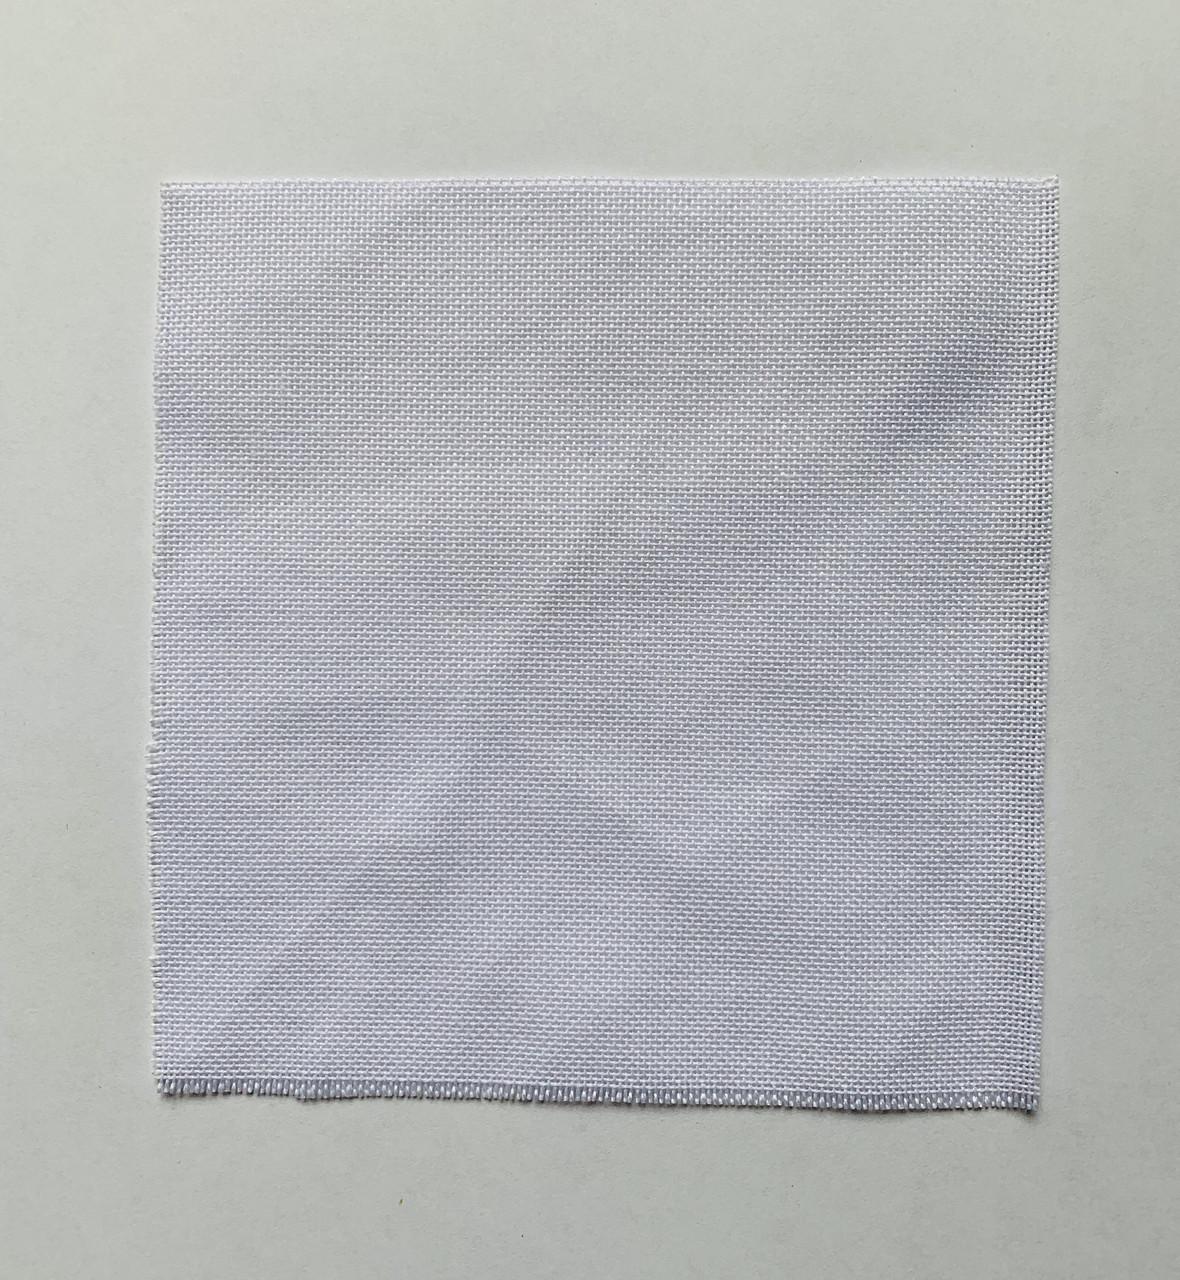 Ткань для вышиванок (100% полиэстер) - 155 г/м2